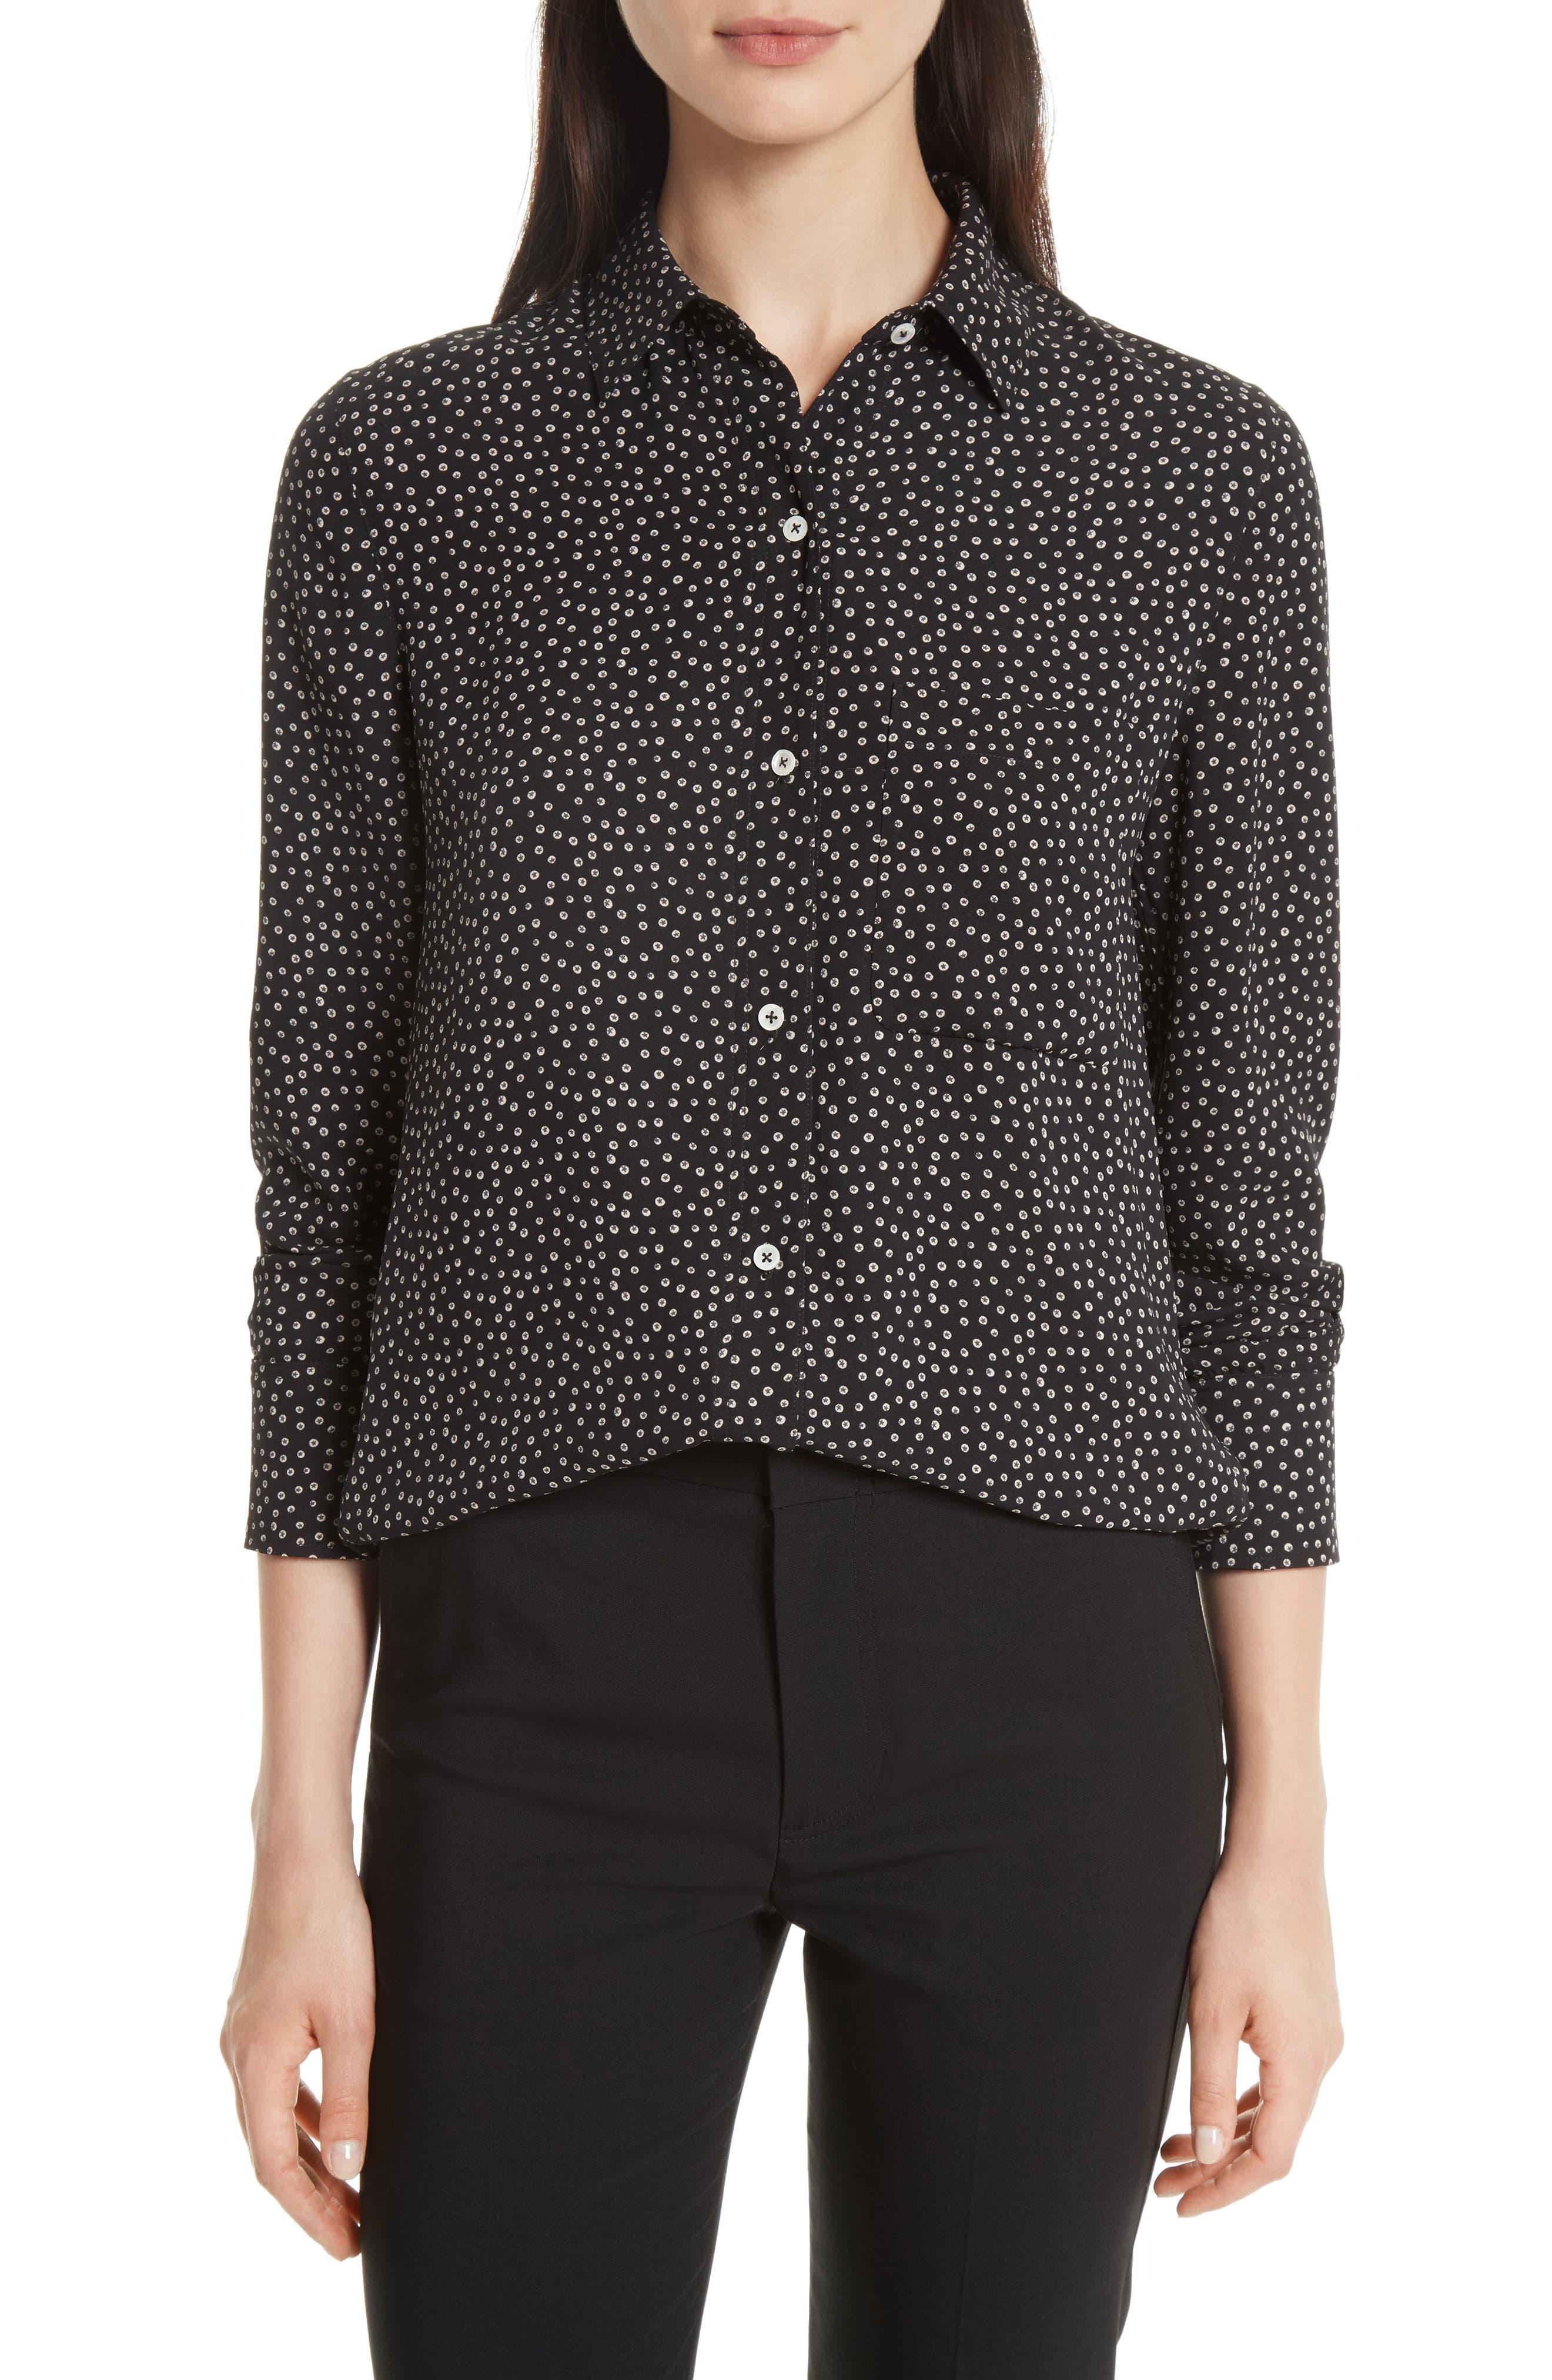 Alternate Image 1 Selected - Vince Celestial Polka Dot Slim Shirt